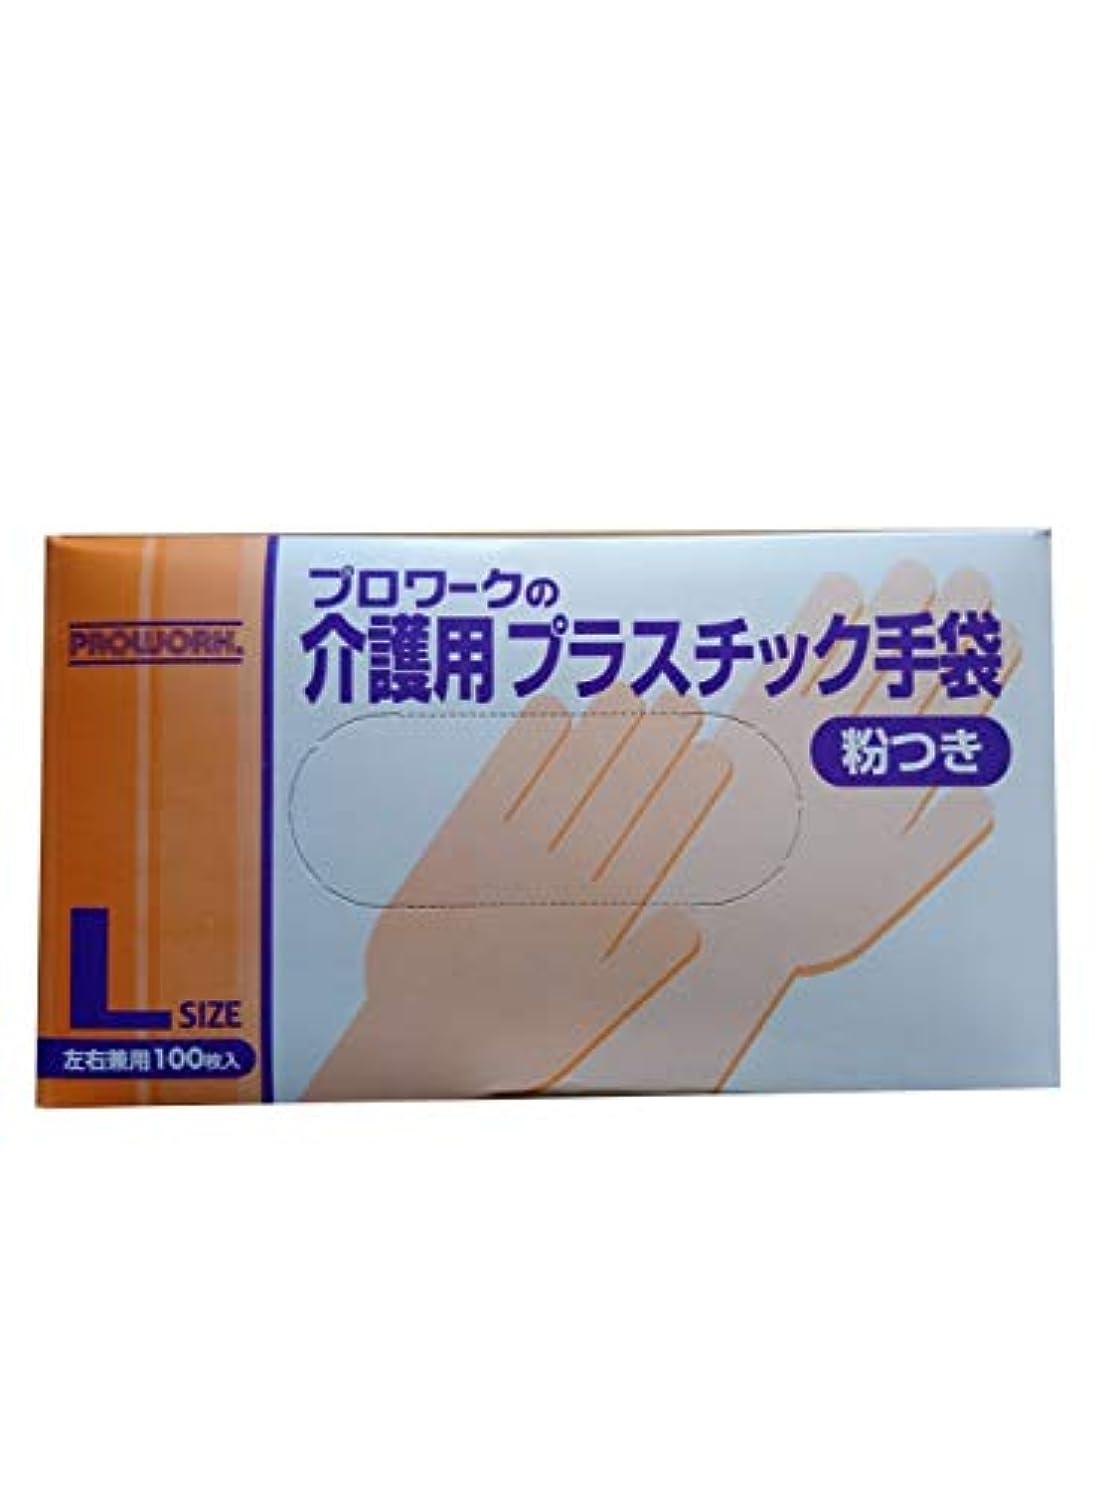 案件遺伝的醜い介護用プラスチック手袋 粉つき Lサイズ 左右兼用100枚入